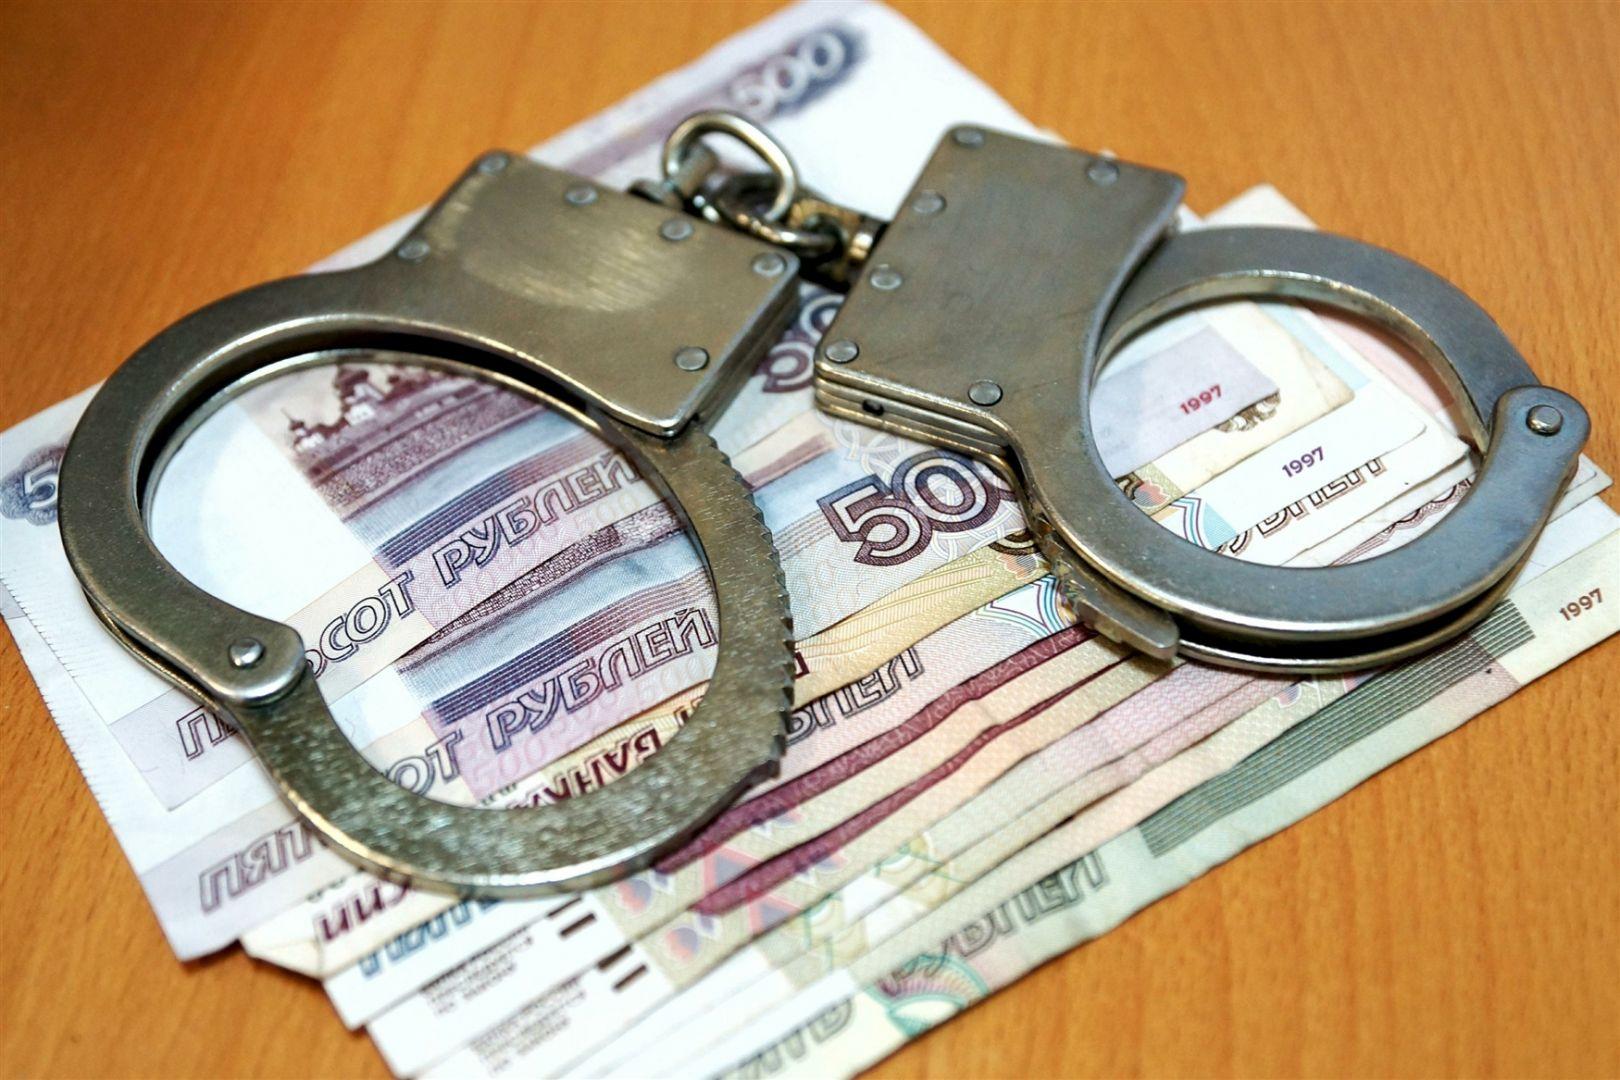 Ваэропорту задержали ставропольчанку, обманувшую пенсионерку на340 тыс. руб.